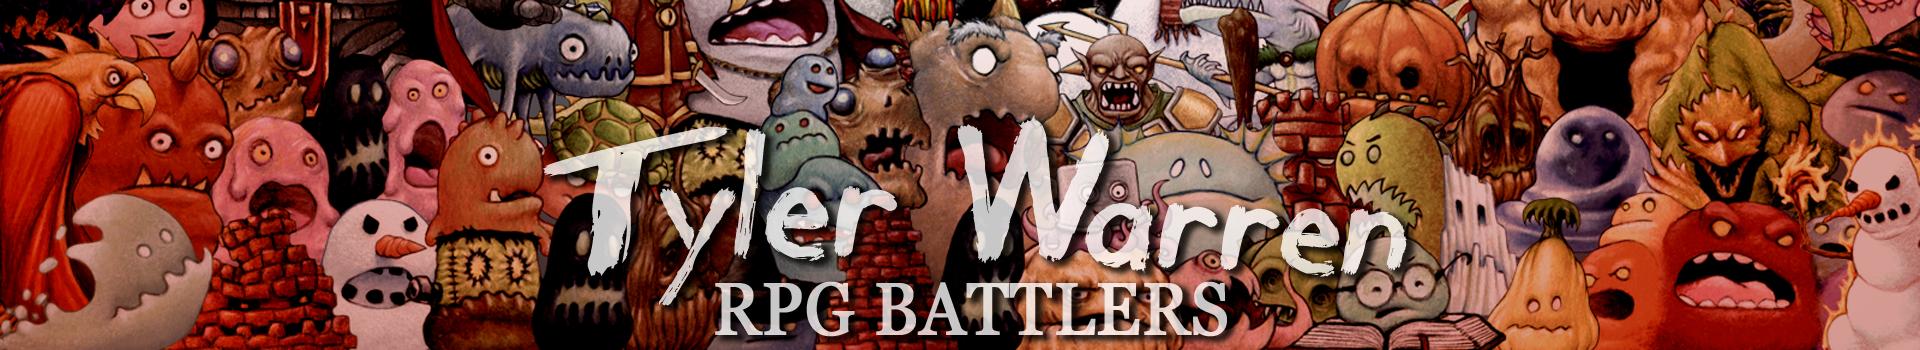 *NEW* Tyler Warren RPG Battlers Pixel-Style 1